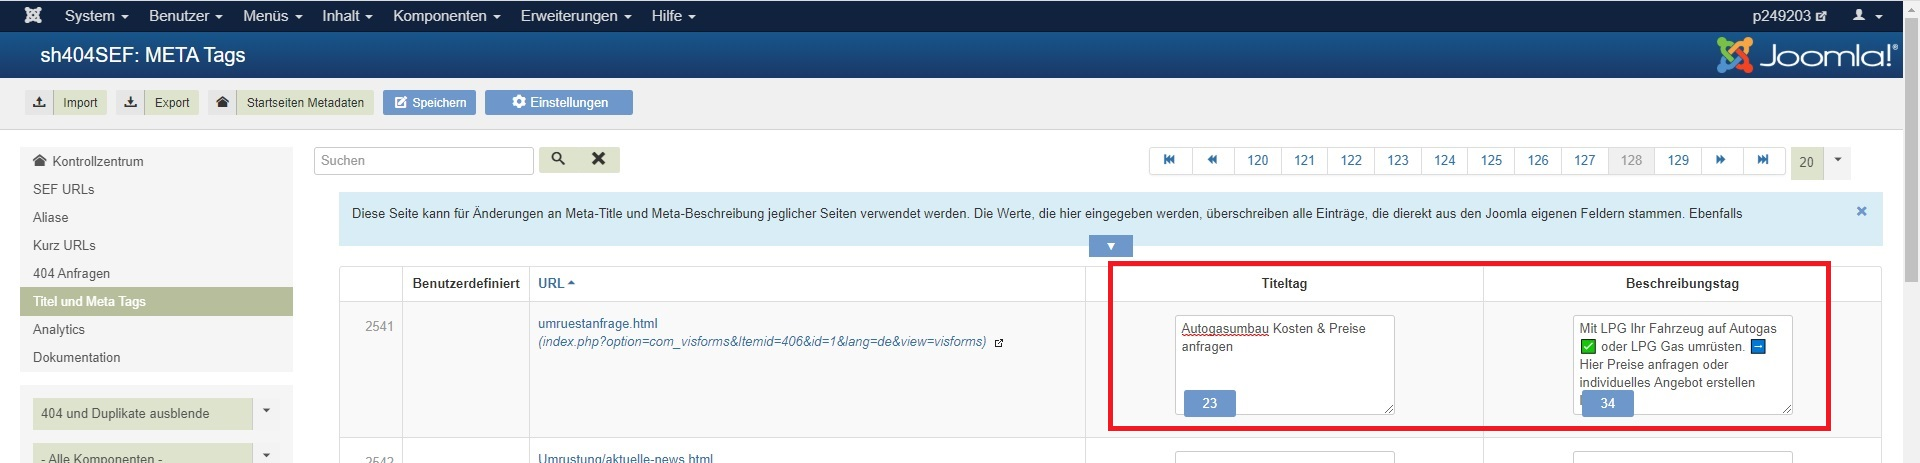 Metadaten-Eingabe in Joomla - 'sh404SEF'